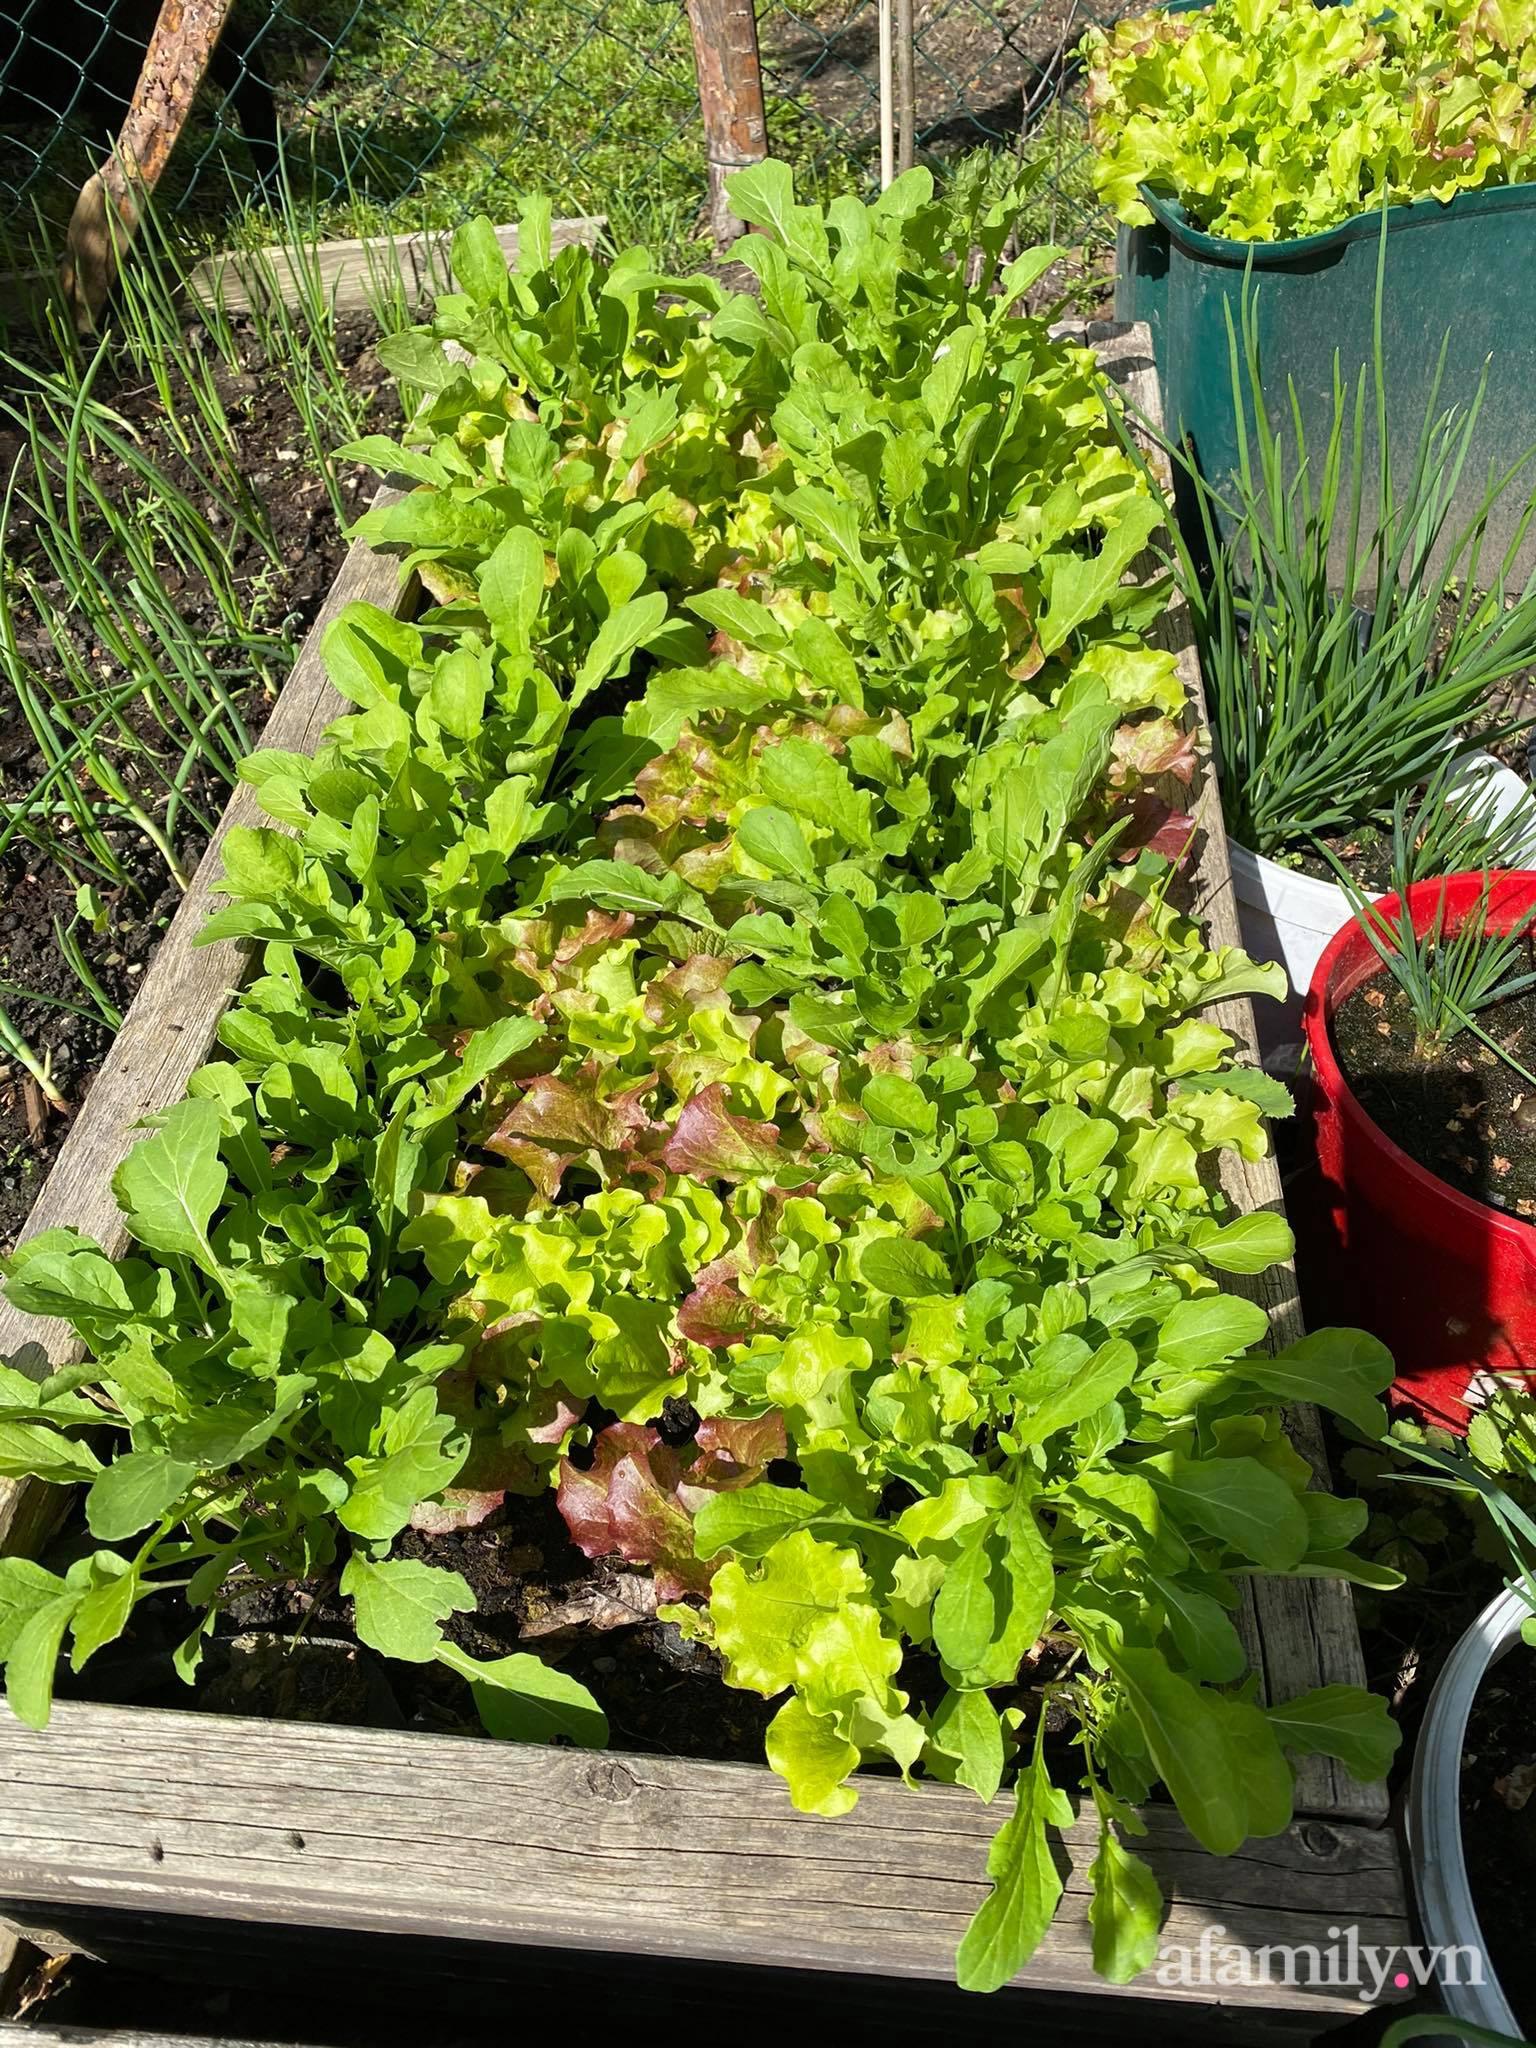 Bất ngờ trước lý do trồng cả vườn rau trái Việt quanh năm tốt tươi của mẹ đảm ở Séc - Ảnh 9.